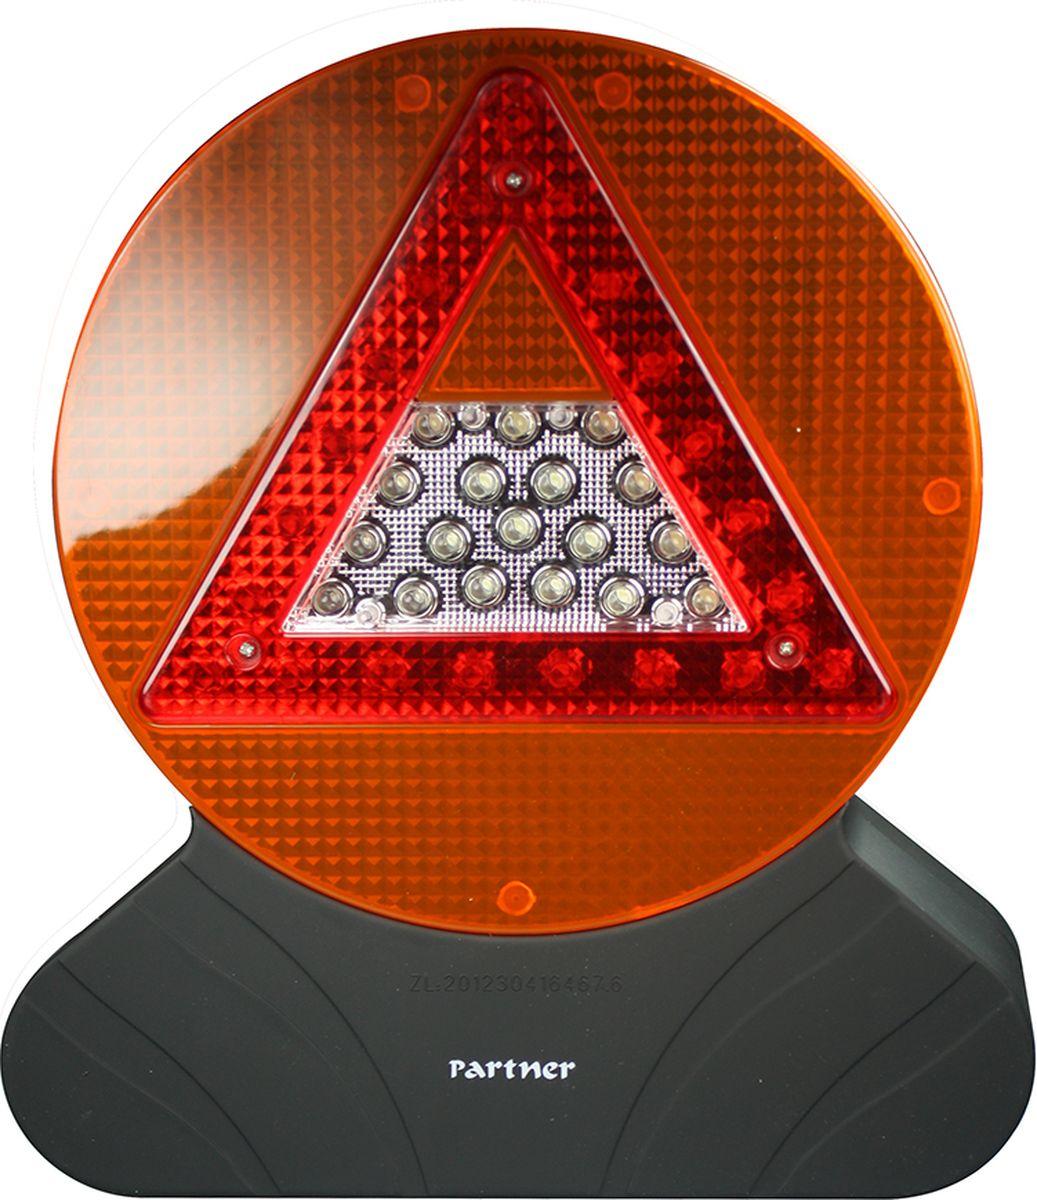 Фонарь водителя Partner Driver, светодиодныйПР031690Знак аварийной остановки должен быть в любой машине вместе с аптечкой и огнетушителем. Дорога полнанеожиданностей и к ним лучше подготовиться заранее. Представляем вам новый взгляд на типичныйавтомобильный атрибут - светодиодный фонарь водителя Driver. Характеристики: - 4 рабочих режима; - 18, 21 и 30 светодиодов; - питание от трех батареек типа АА; - корпус с покрытием souft-touch, матовый, не бликует. На дороге не бывает стерильной чистоты, поэтому фонарь защищен от проникновения влаги и пыли. Вы можетеиспользовать его не только как знак аварийной остановки, но и в качестве мощного источника освещения.